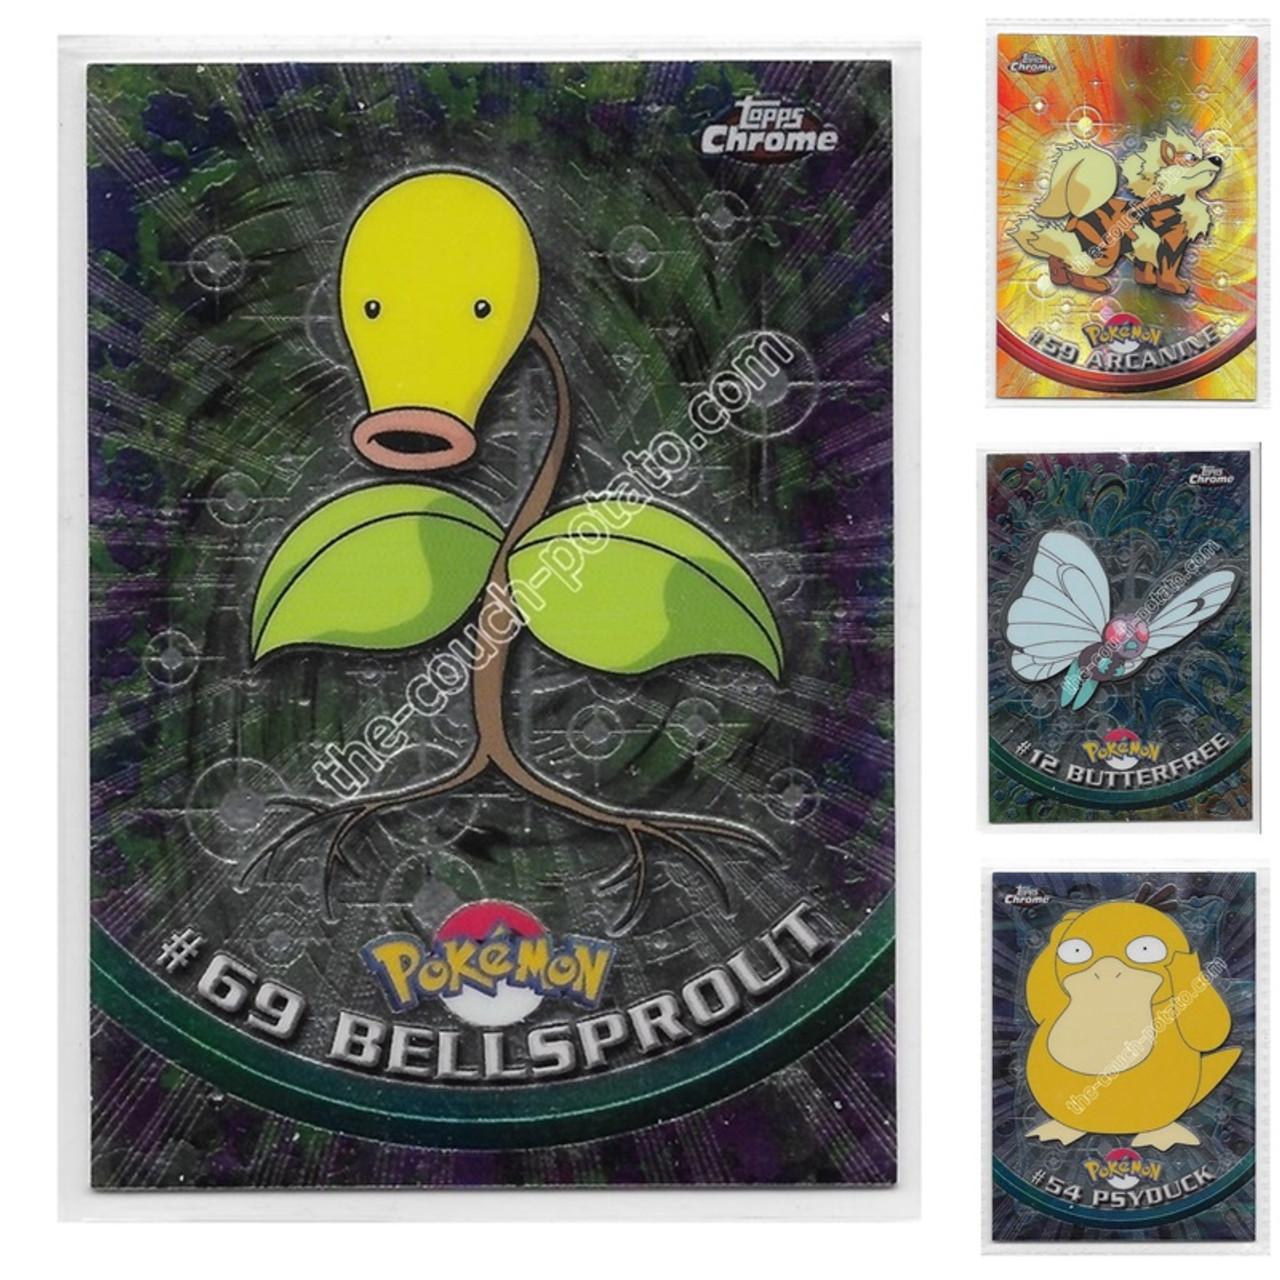 Pokemon Topps Chrome Series 1 Regular Cards Choose